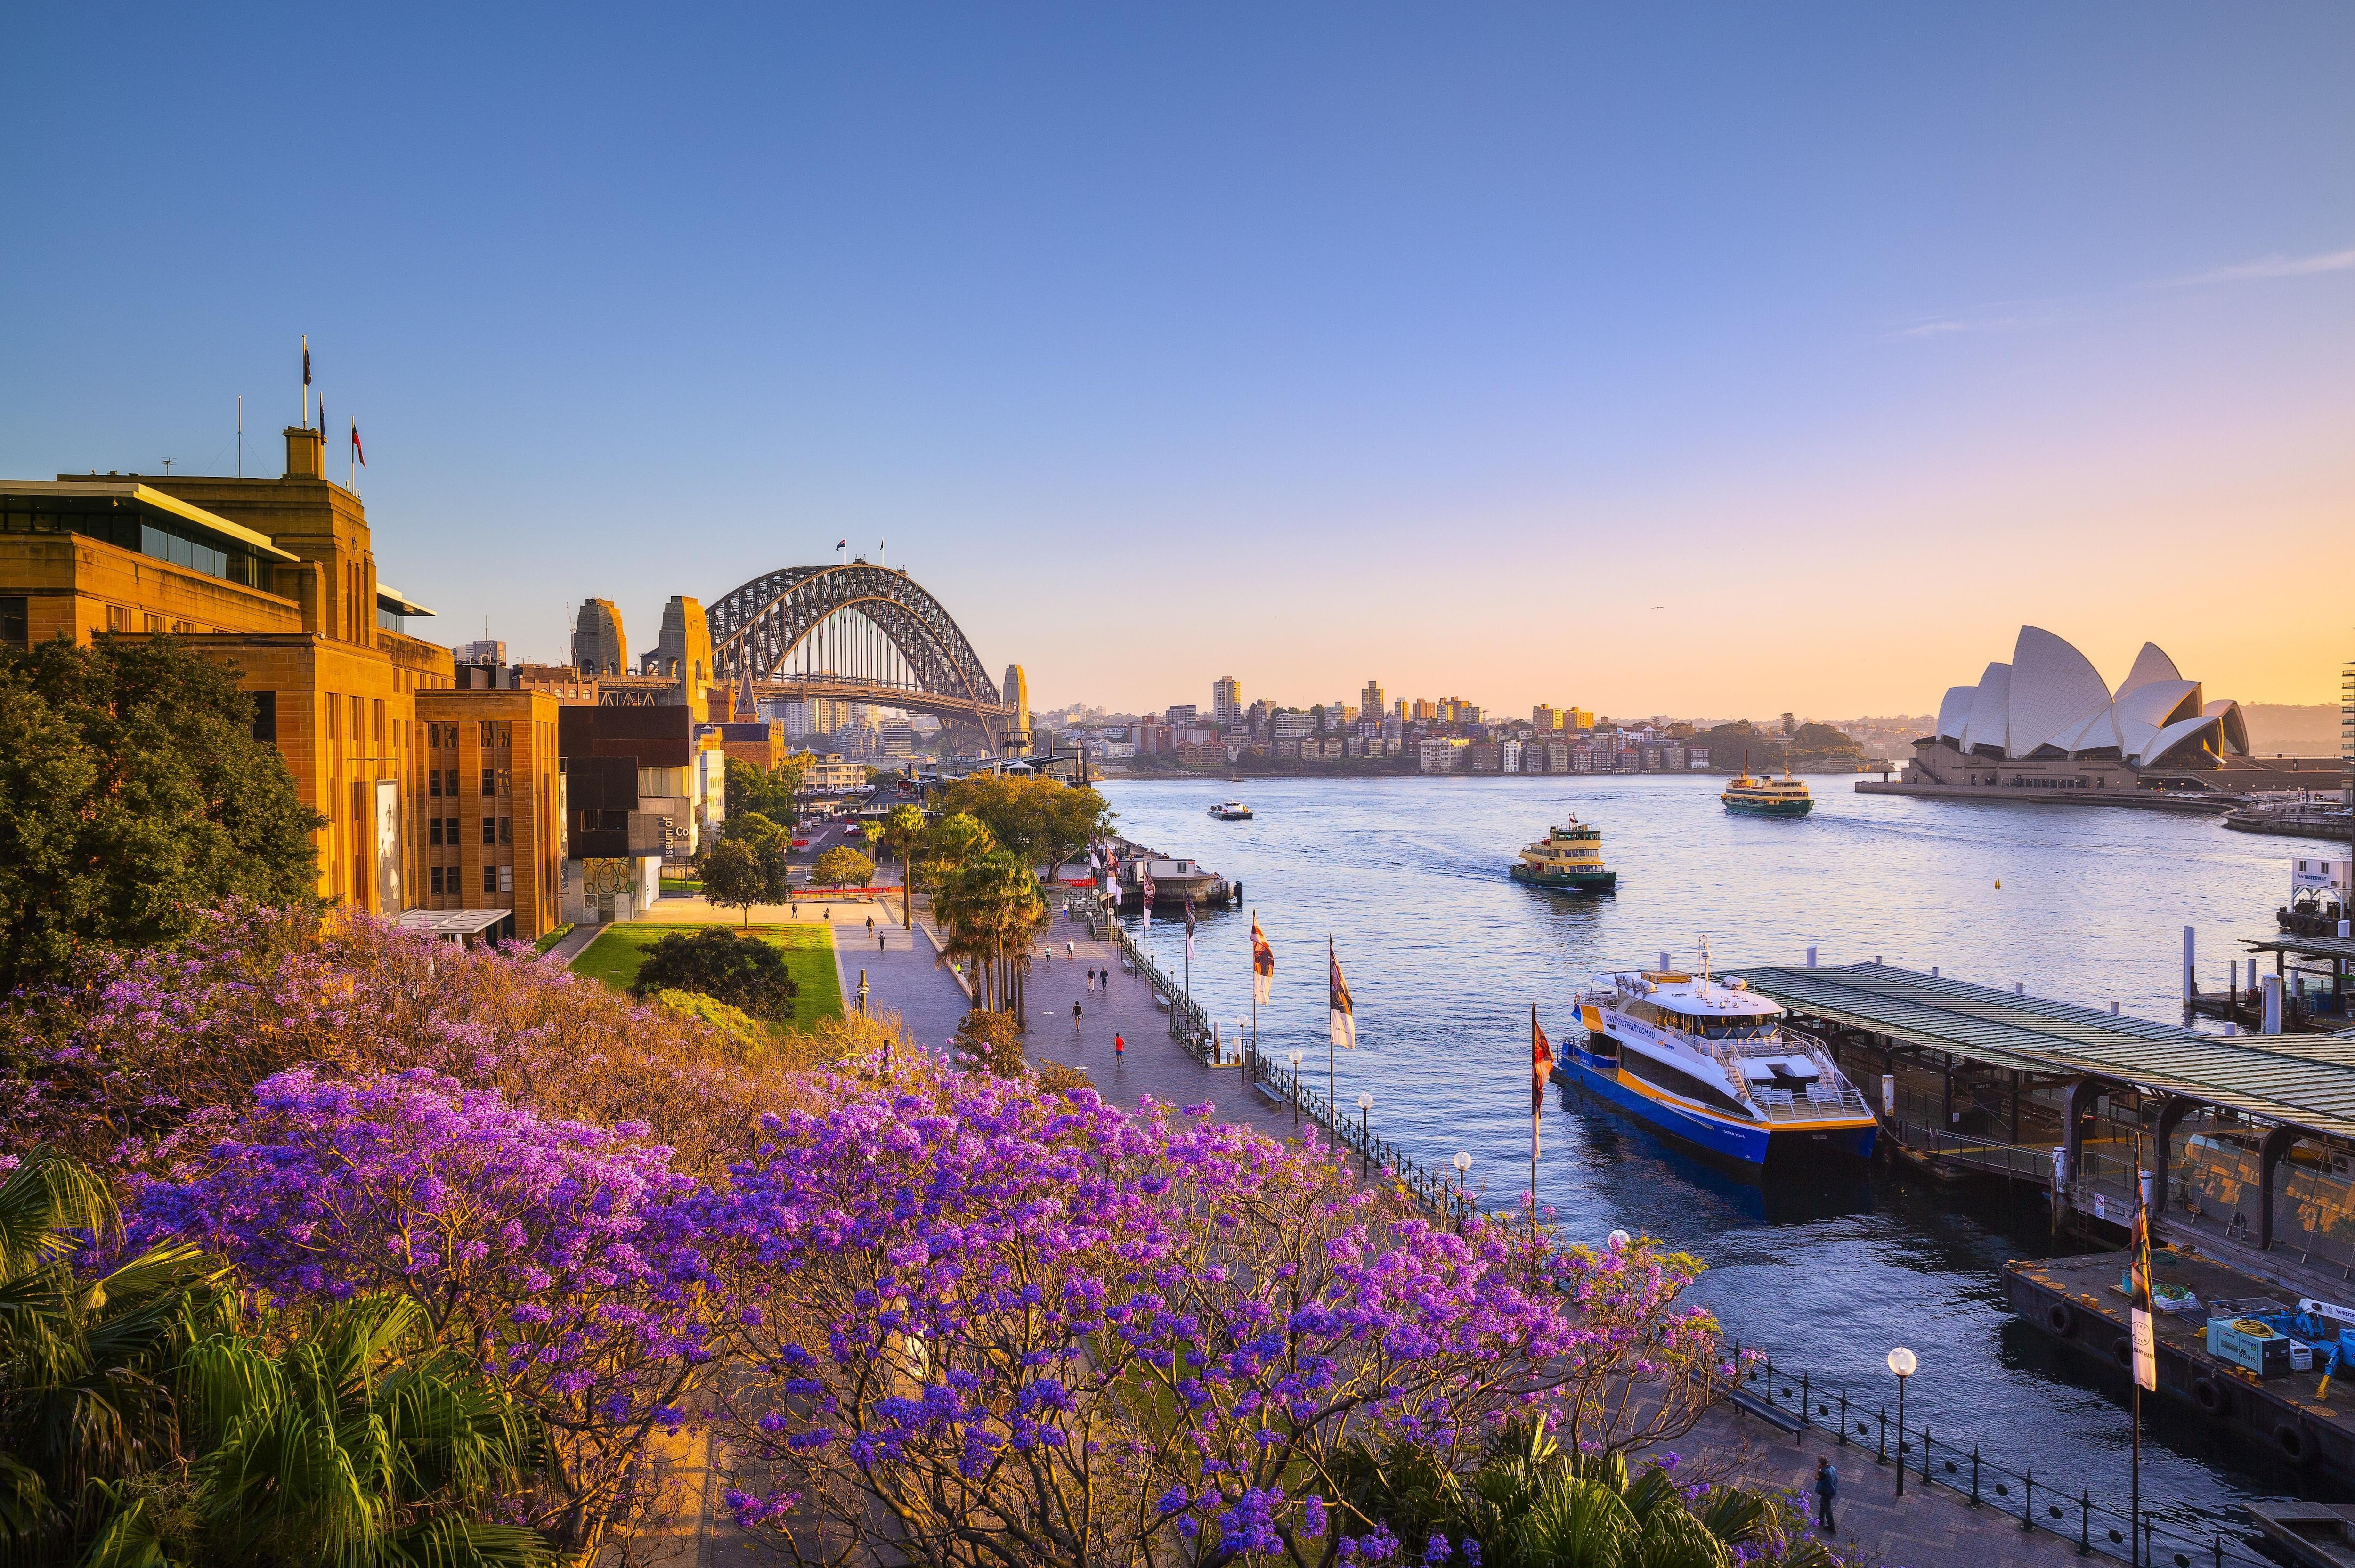 Allora Apartment Applecross guide to sydney - tourism australia